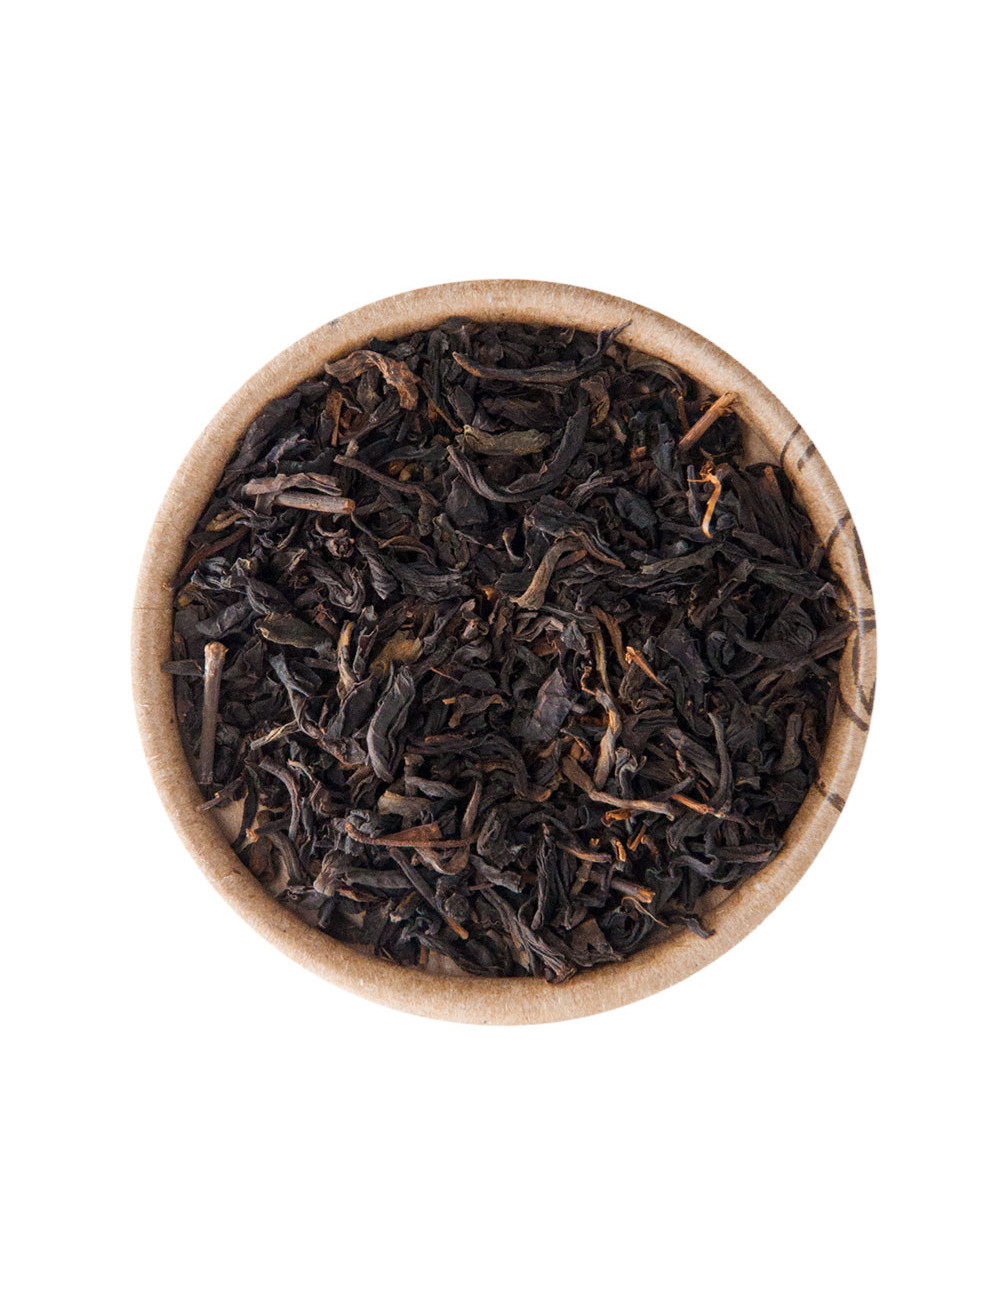 Keemun Superior tè rosso - La Pianta del Tè shop online